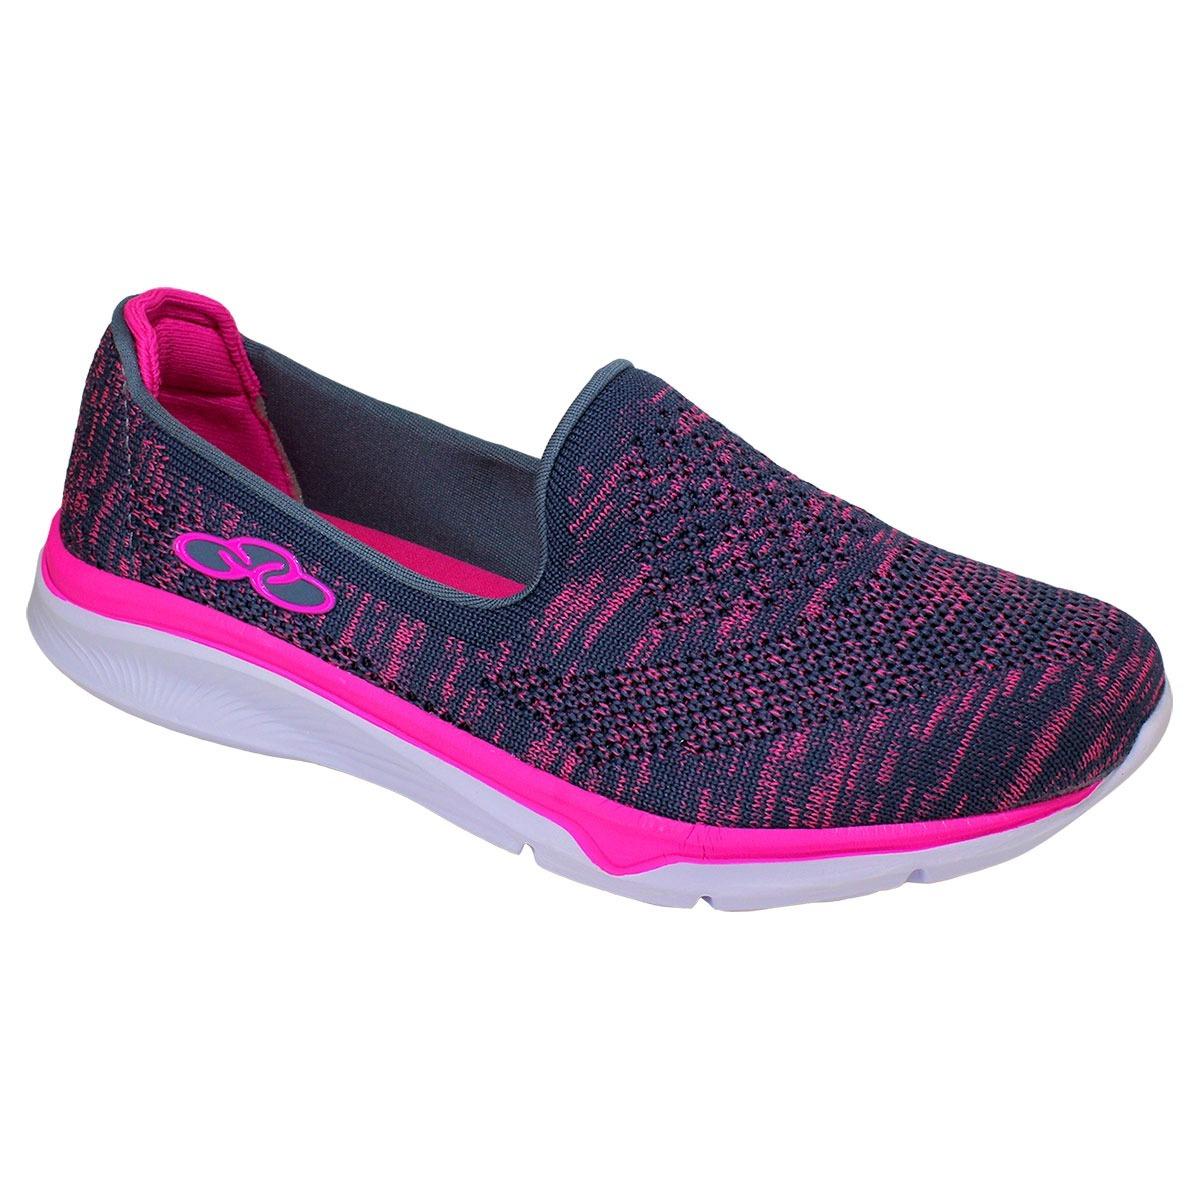 a56138e1fc sapatilha olympikus princess 396 cinza pink. Carregando zoom.